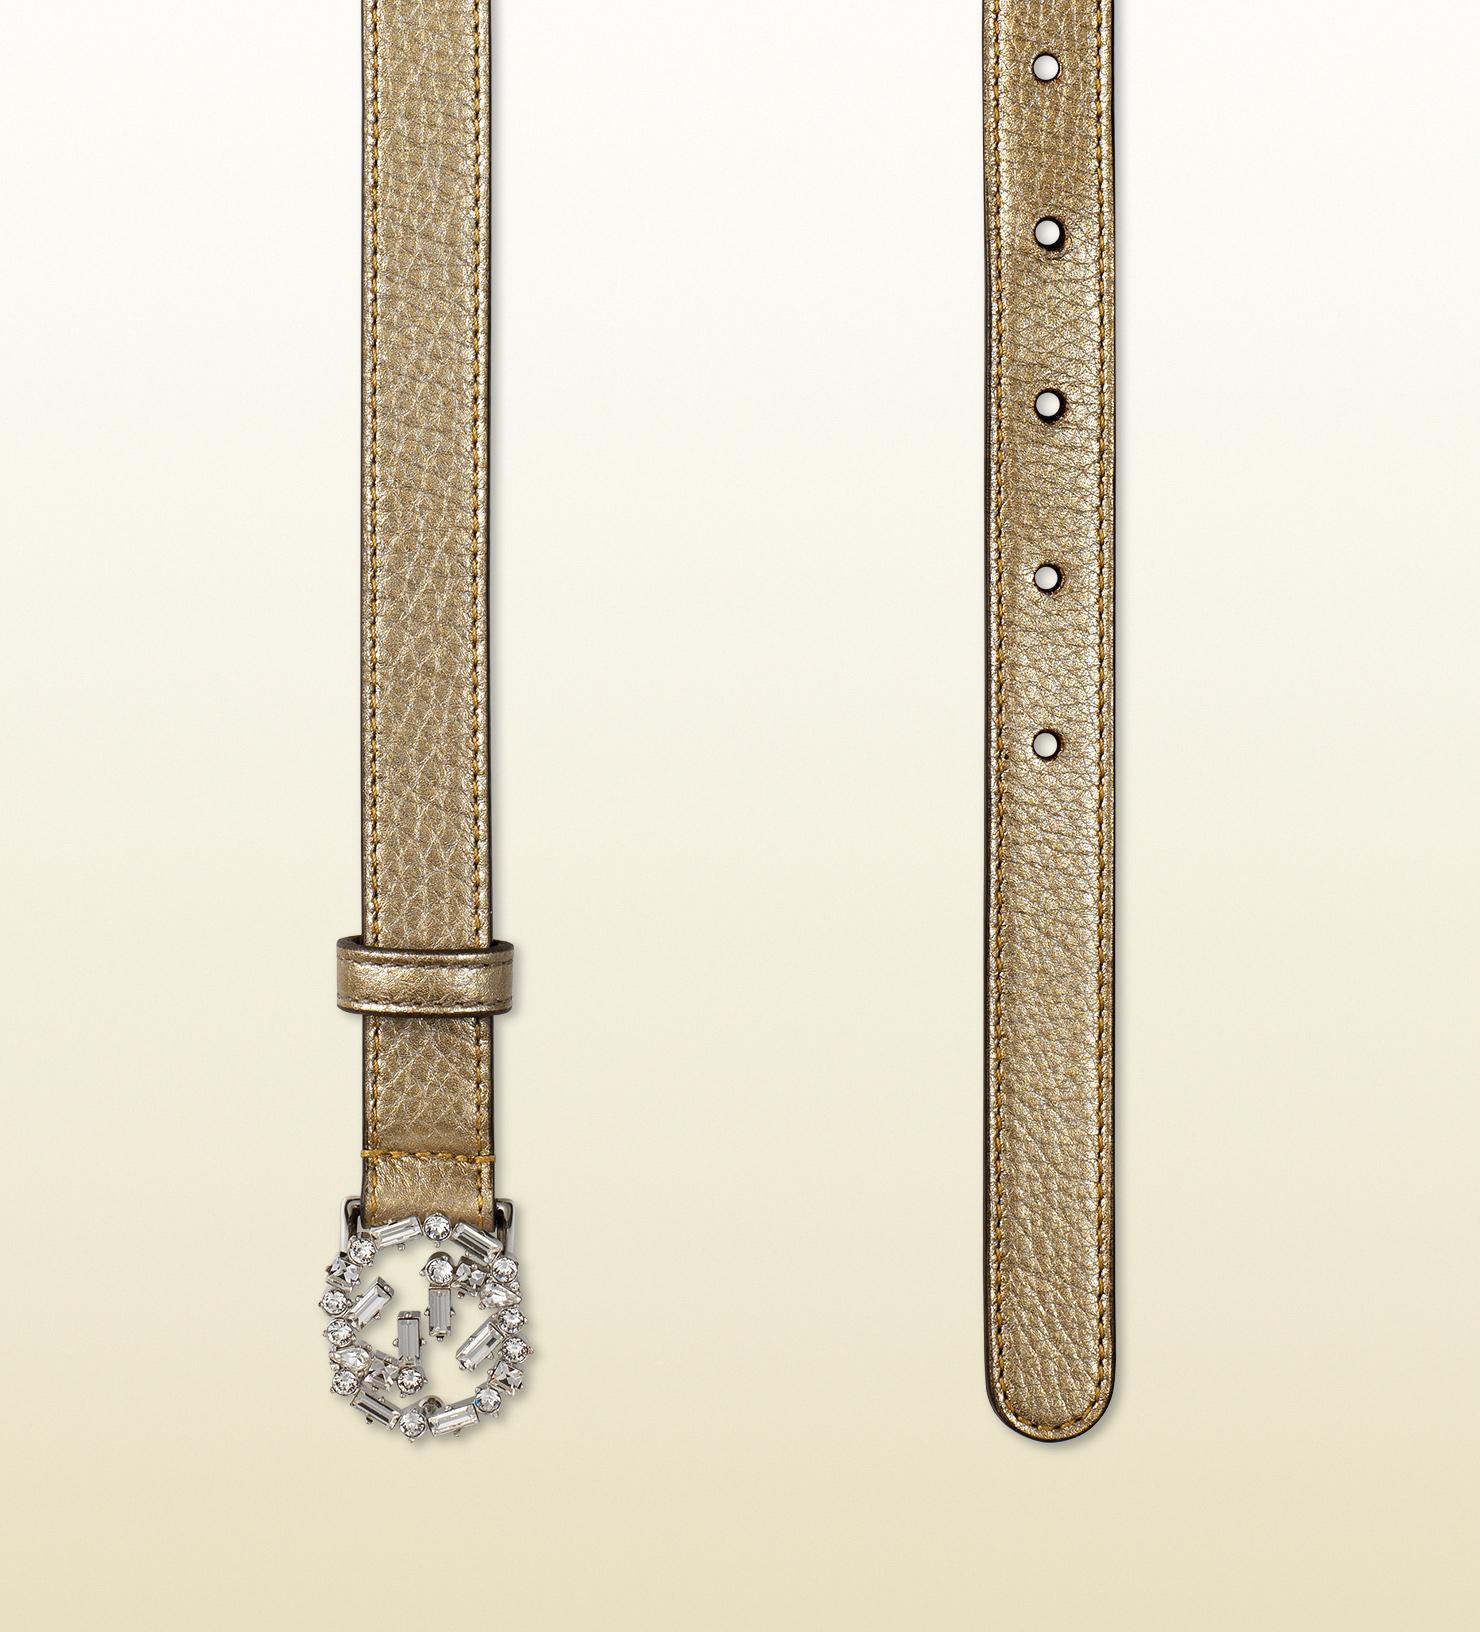 0728cf1f5b99 Lyst - Gucci Metallic Leather Belt With Crystal Interlocking G ...